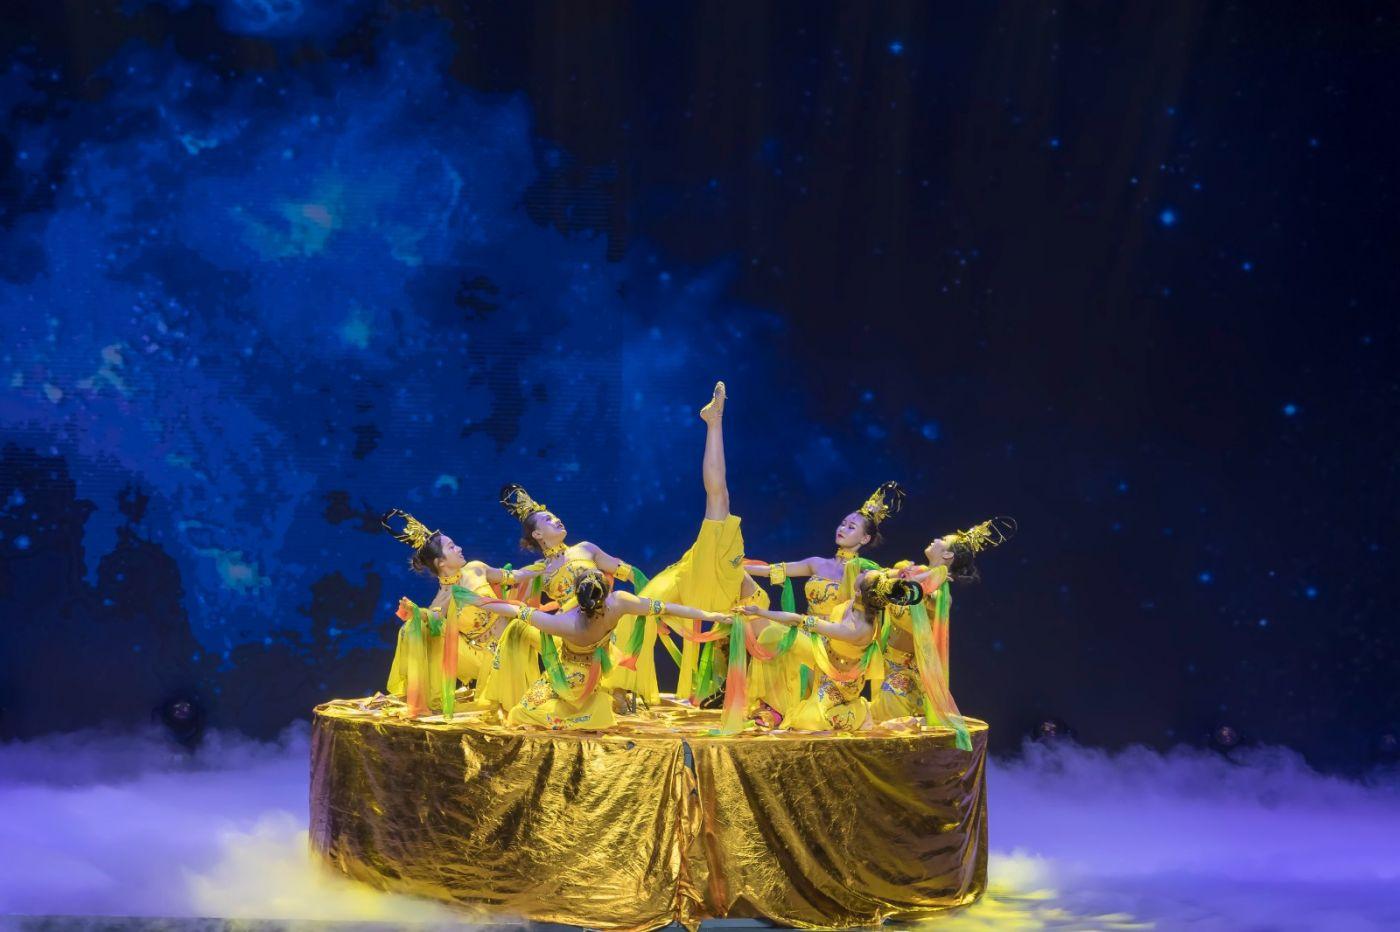 沂蒙大地上 有一种舞蹈叫飞天 这是几位临沂女孩的杰作 美轮美奂 ..._图1-54